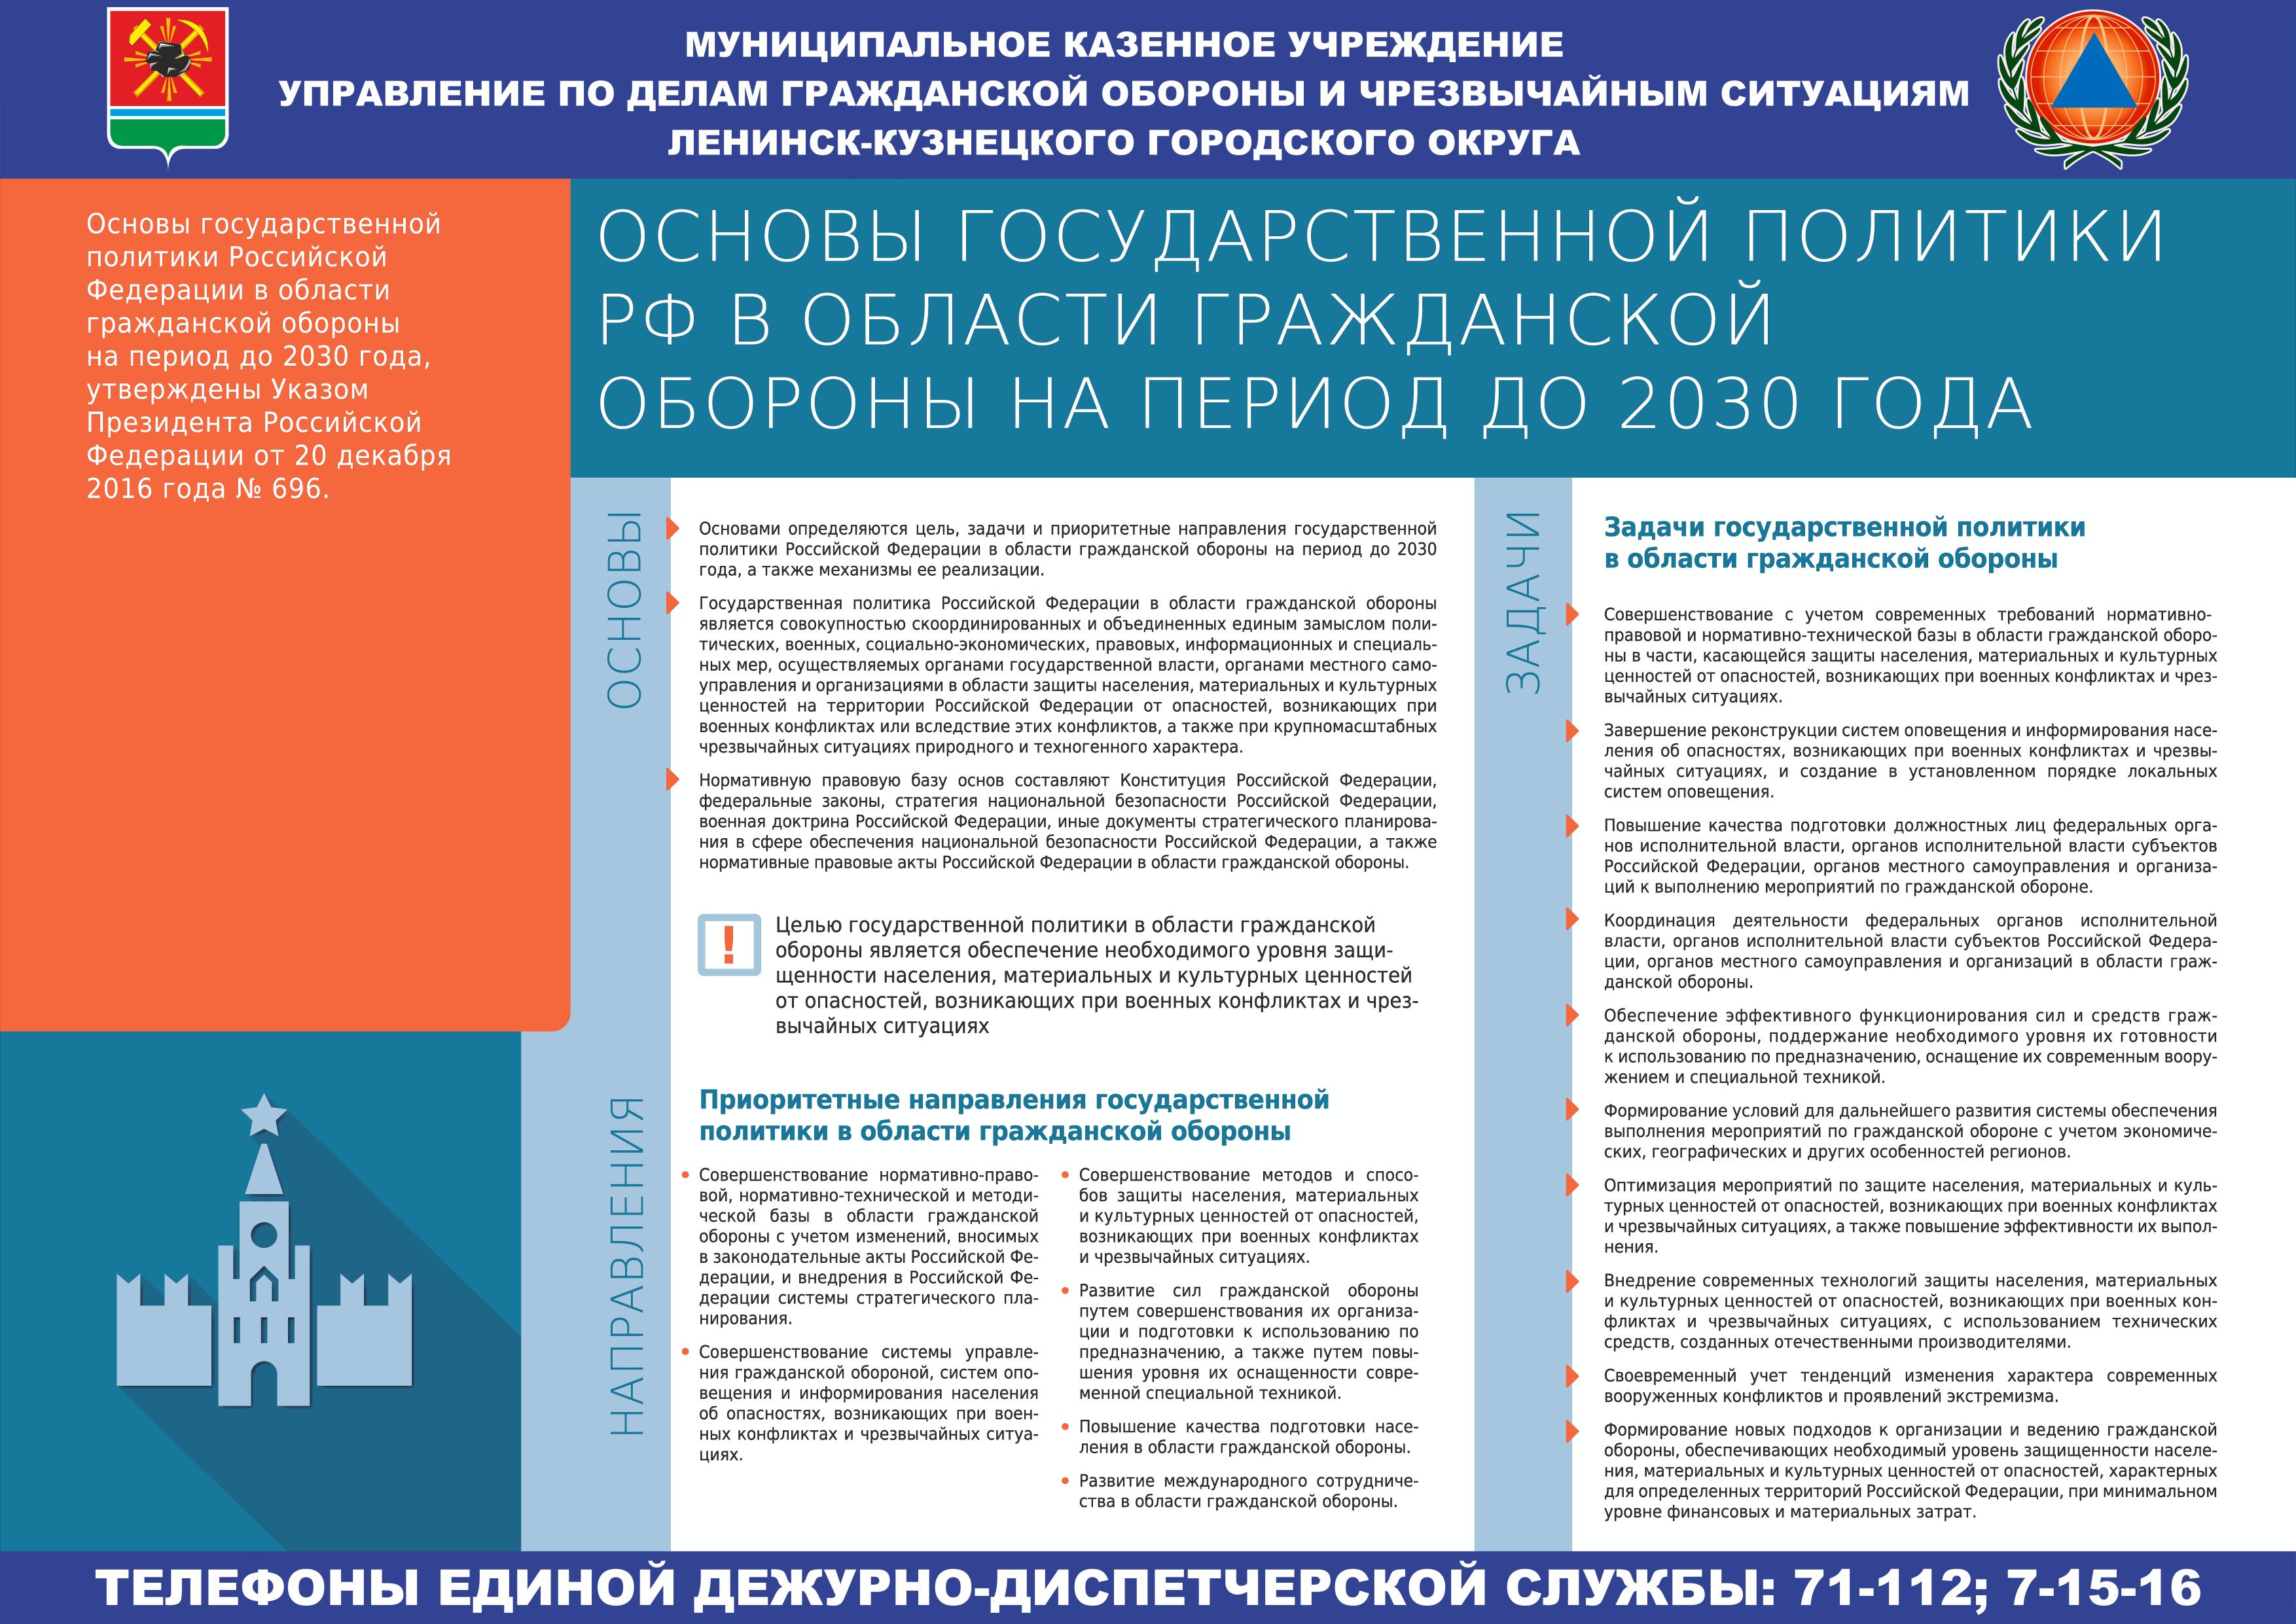 Основы гос.политики РФ в области ГО до 2030